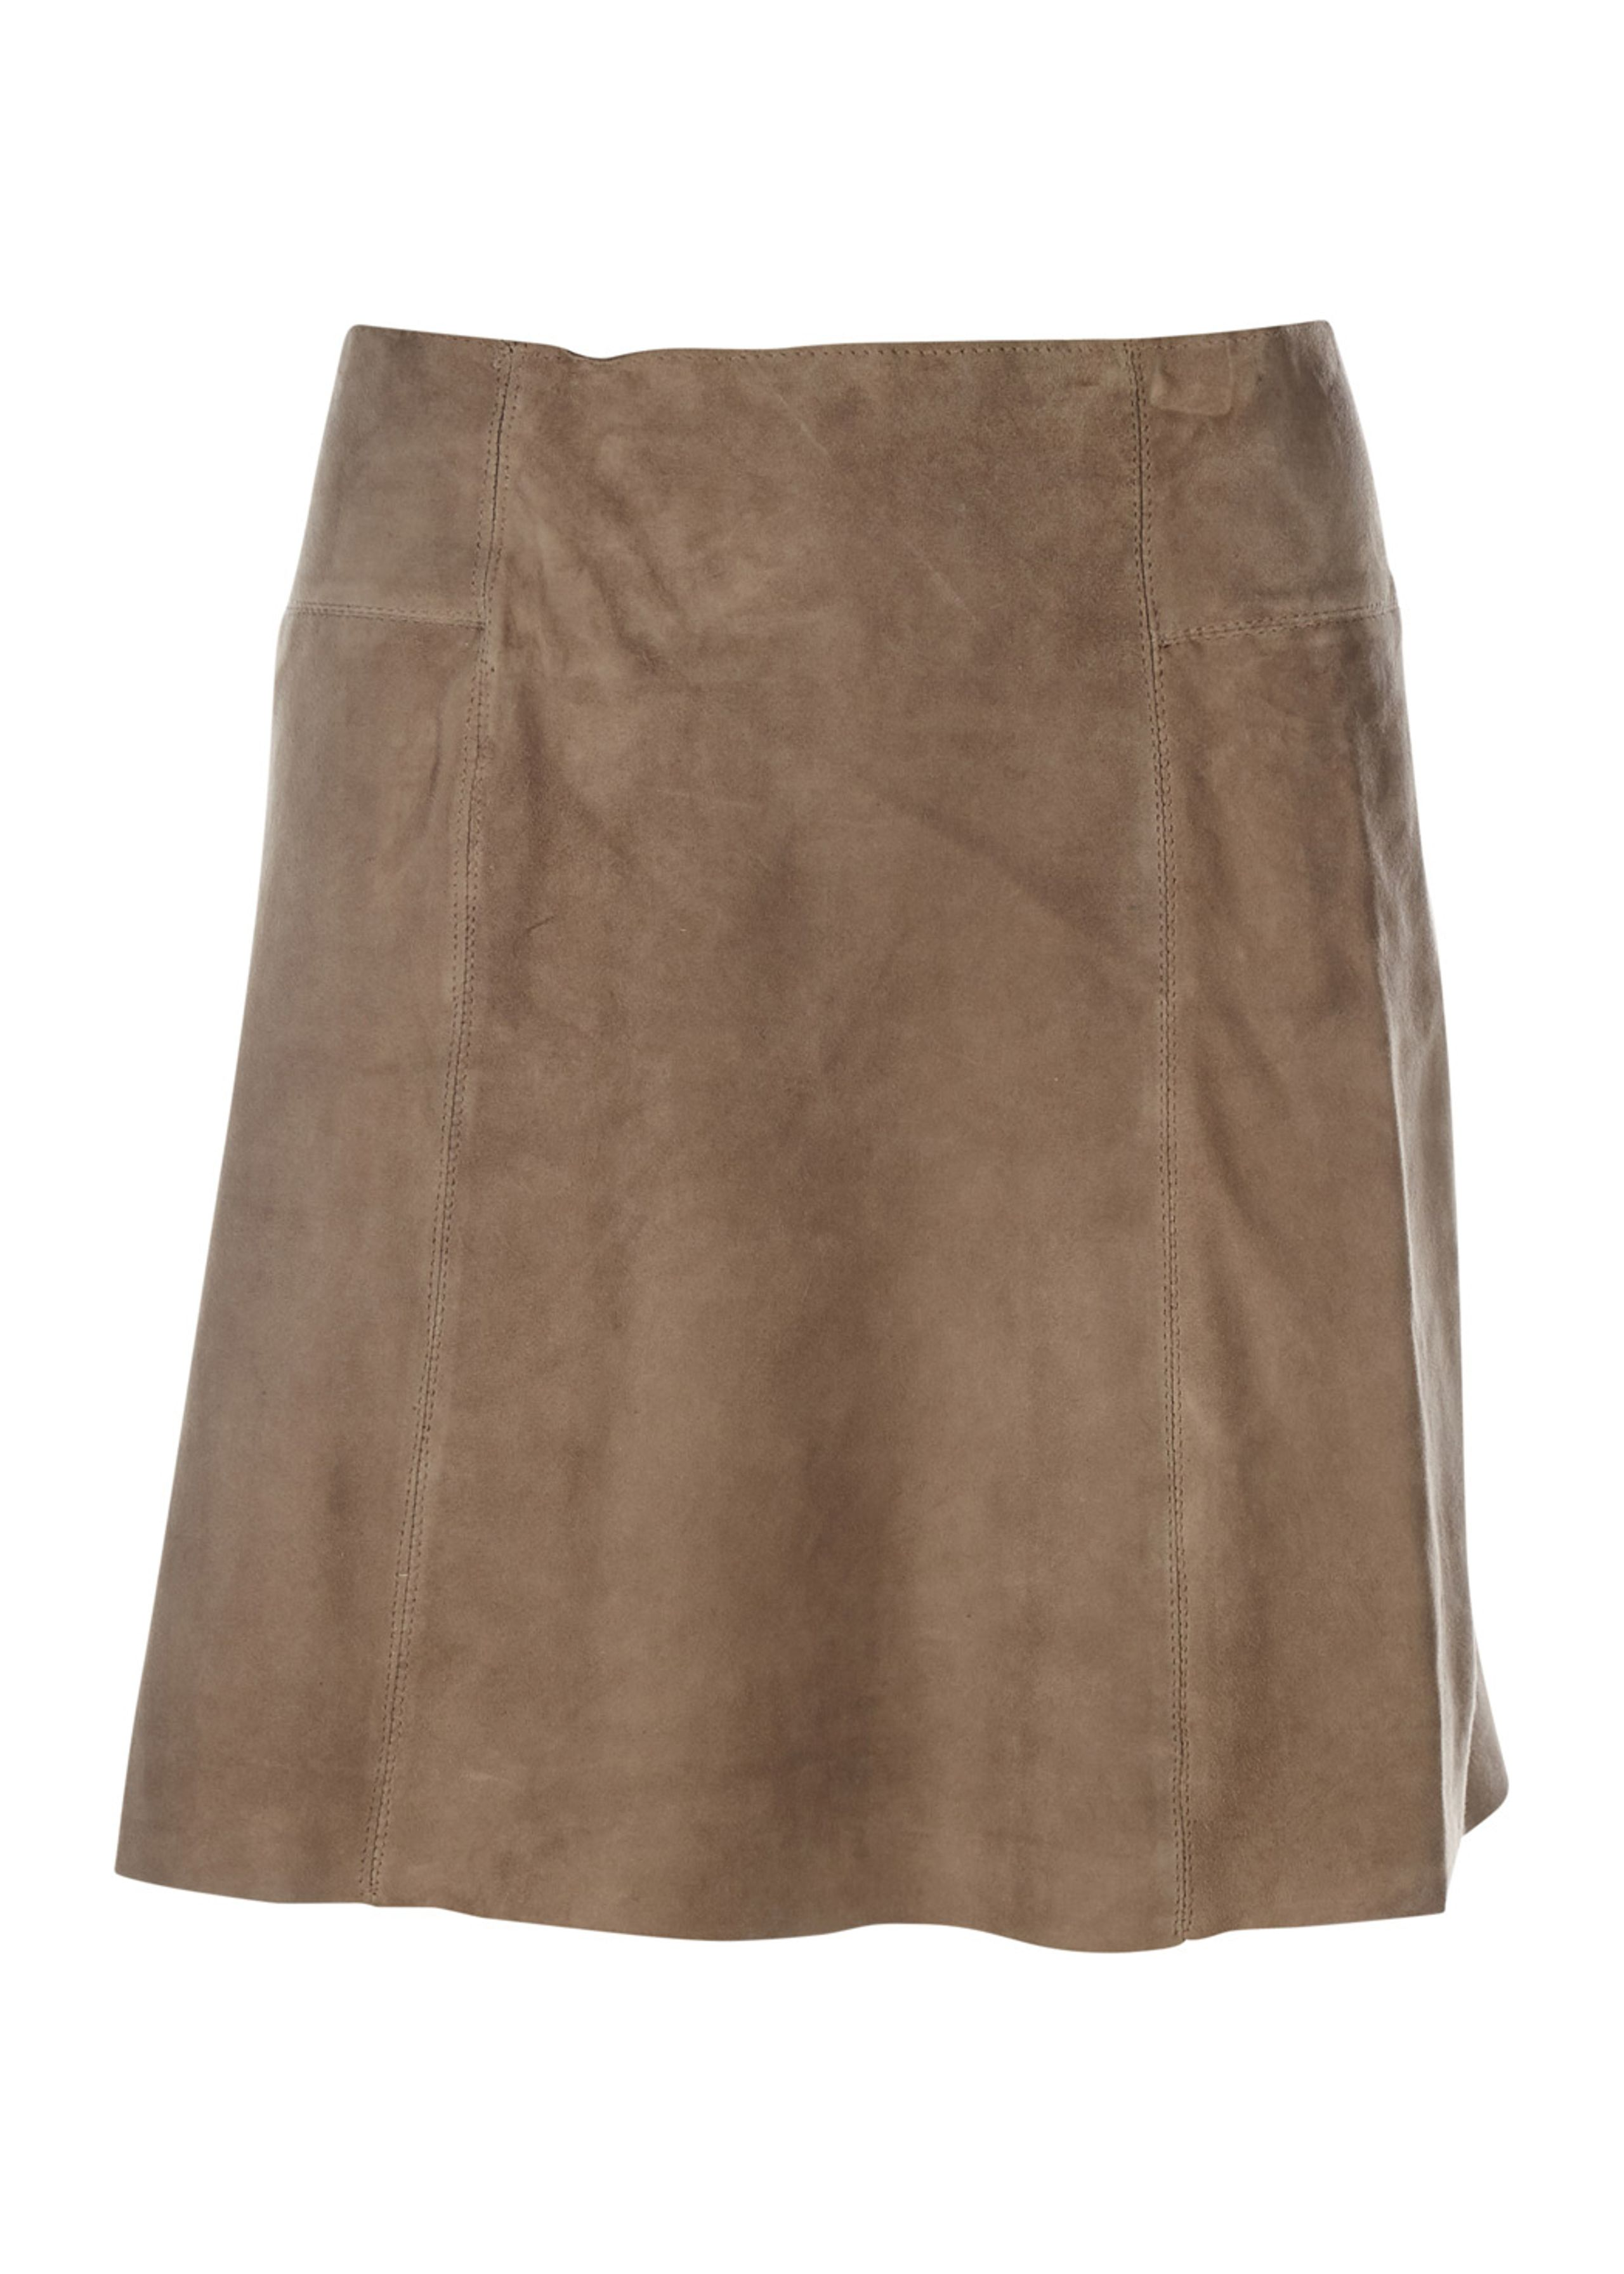 Image of   Bobi Skirt